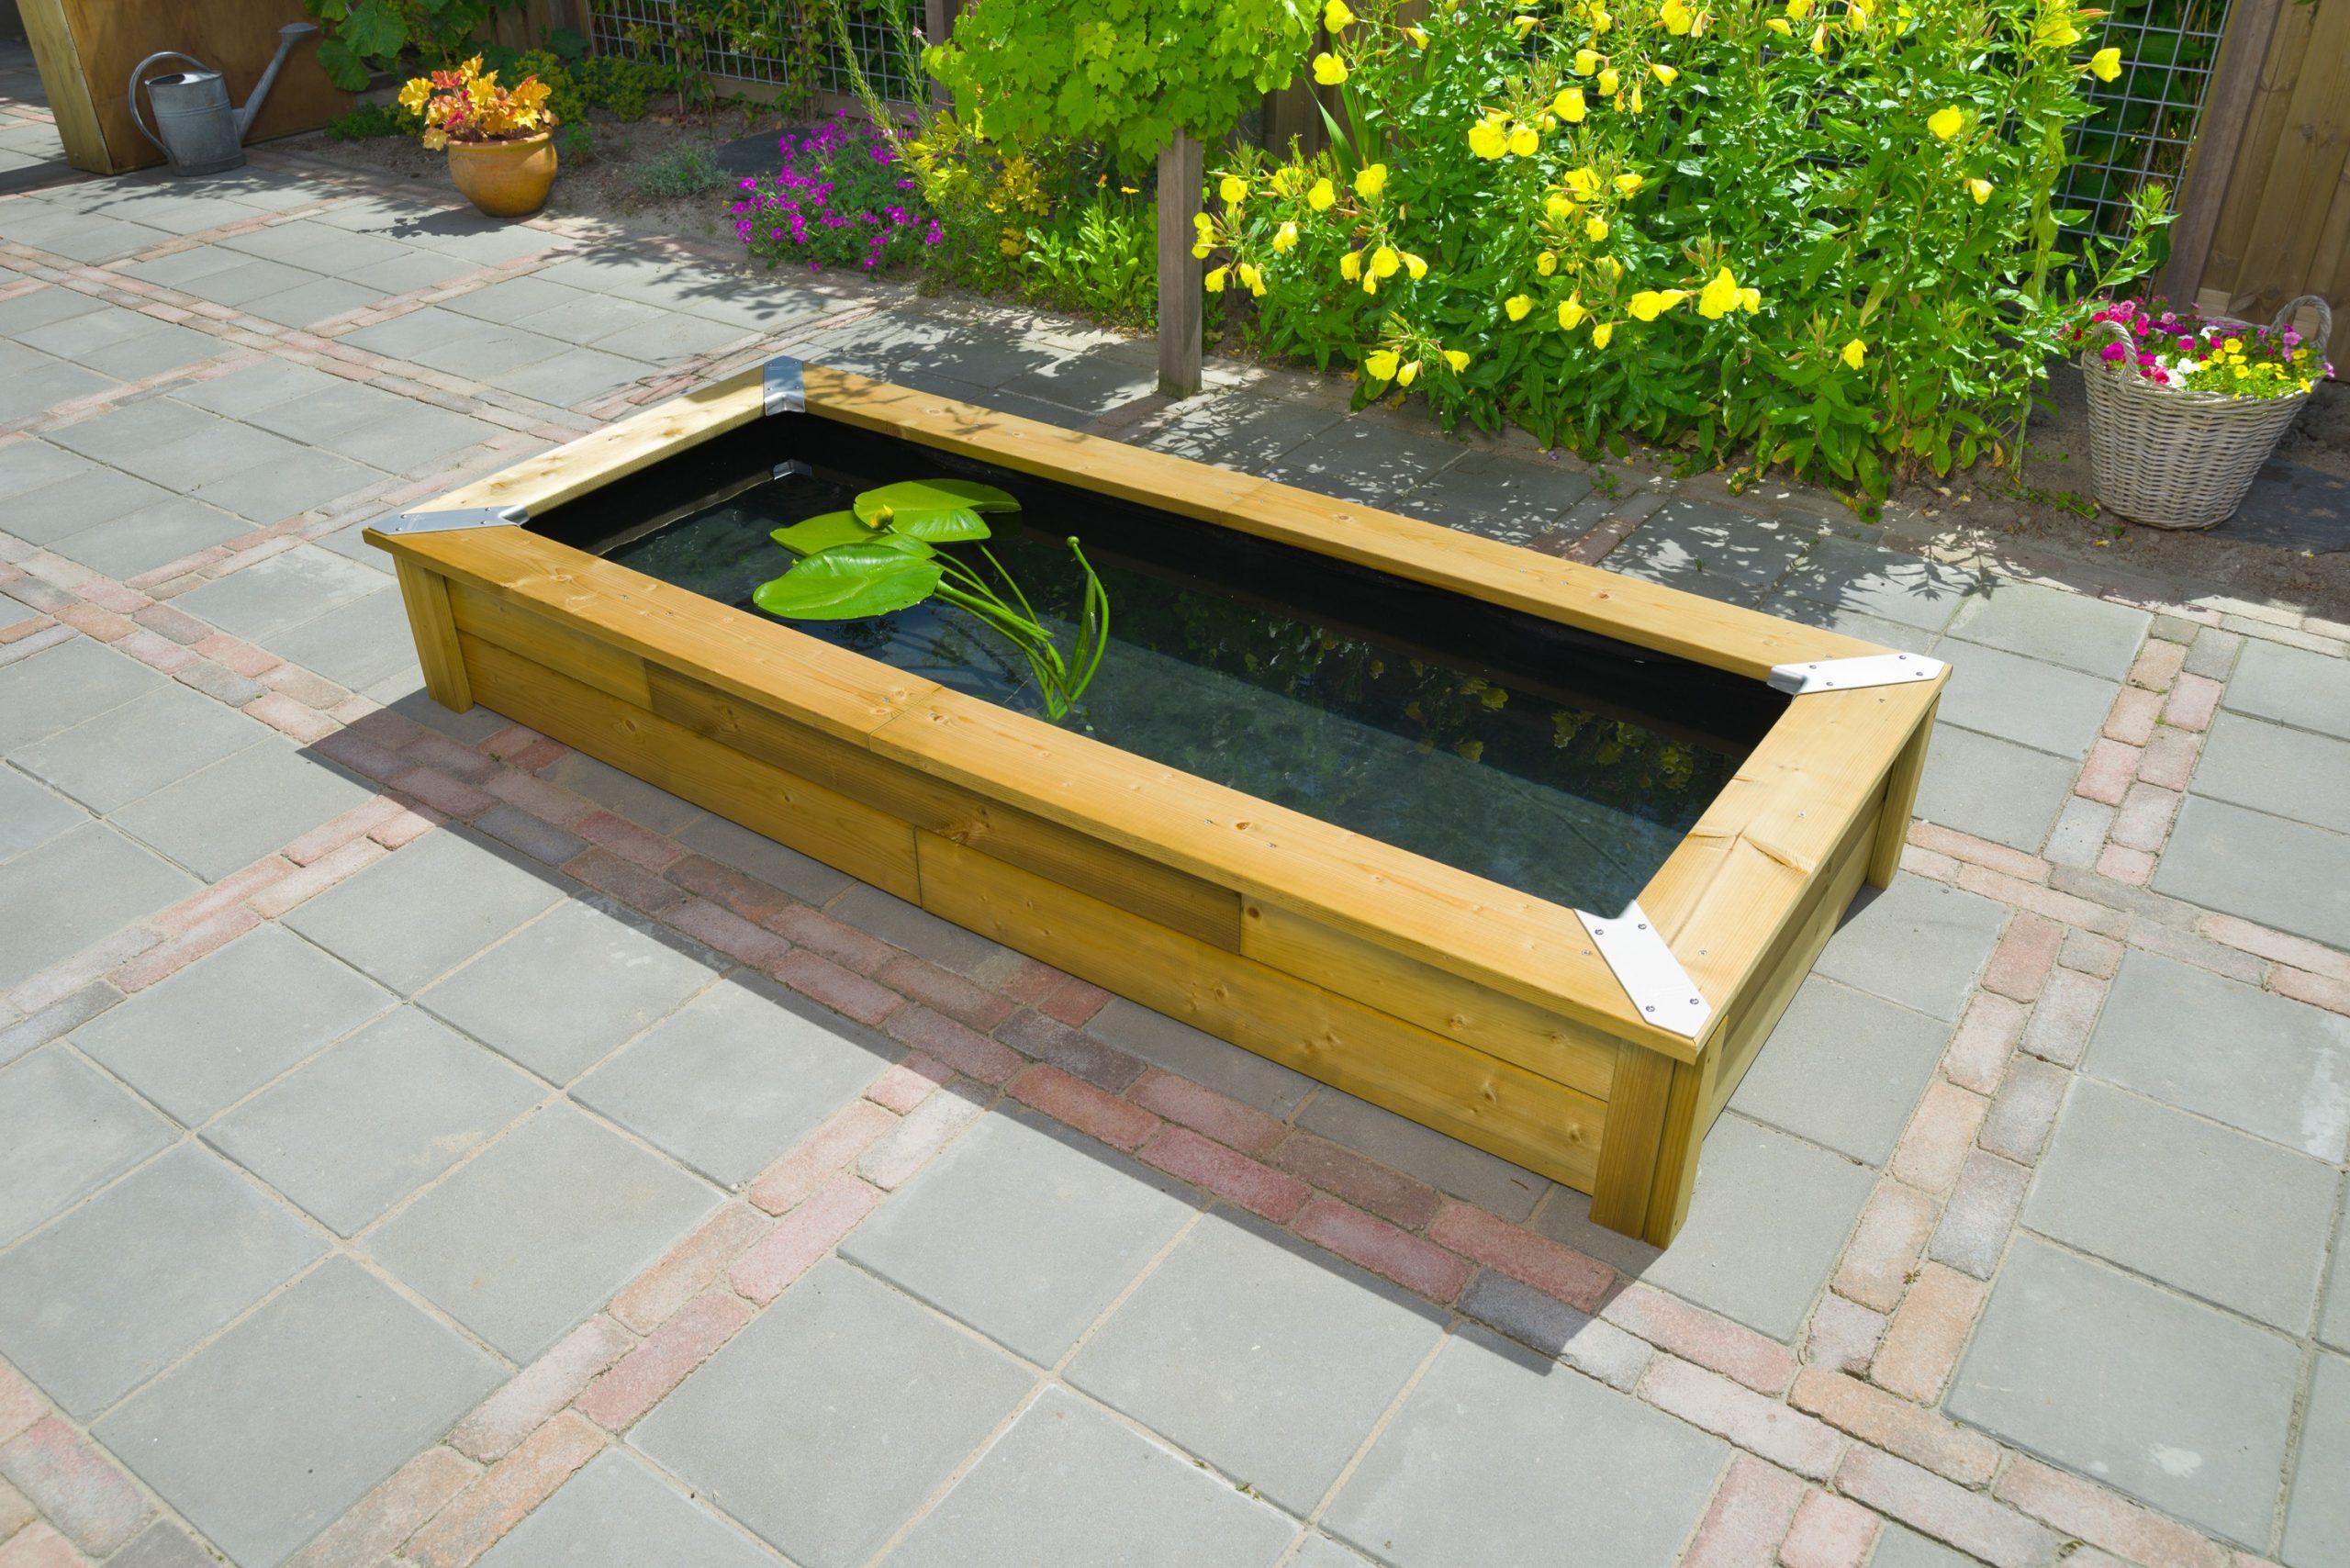 Kit Bassin De Jardin En Bois Avec Bâche Set Quadro Wood 5 Ubbink encequiconcerne Kit Bassin De Jardin Préformé